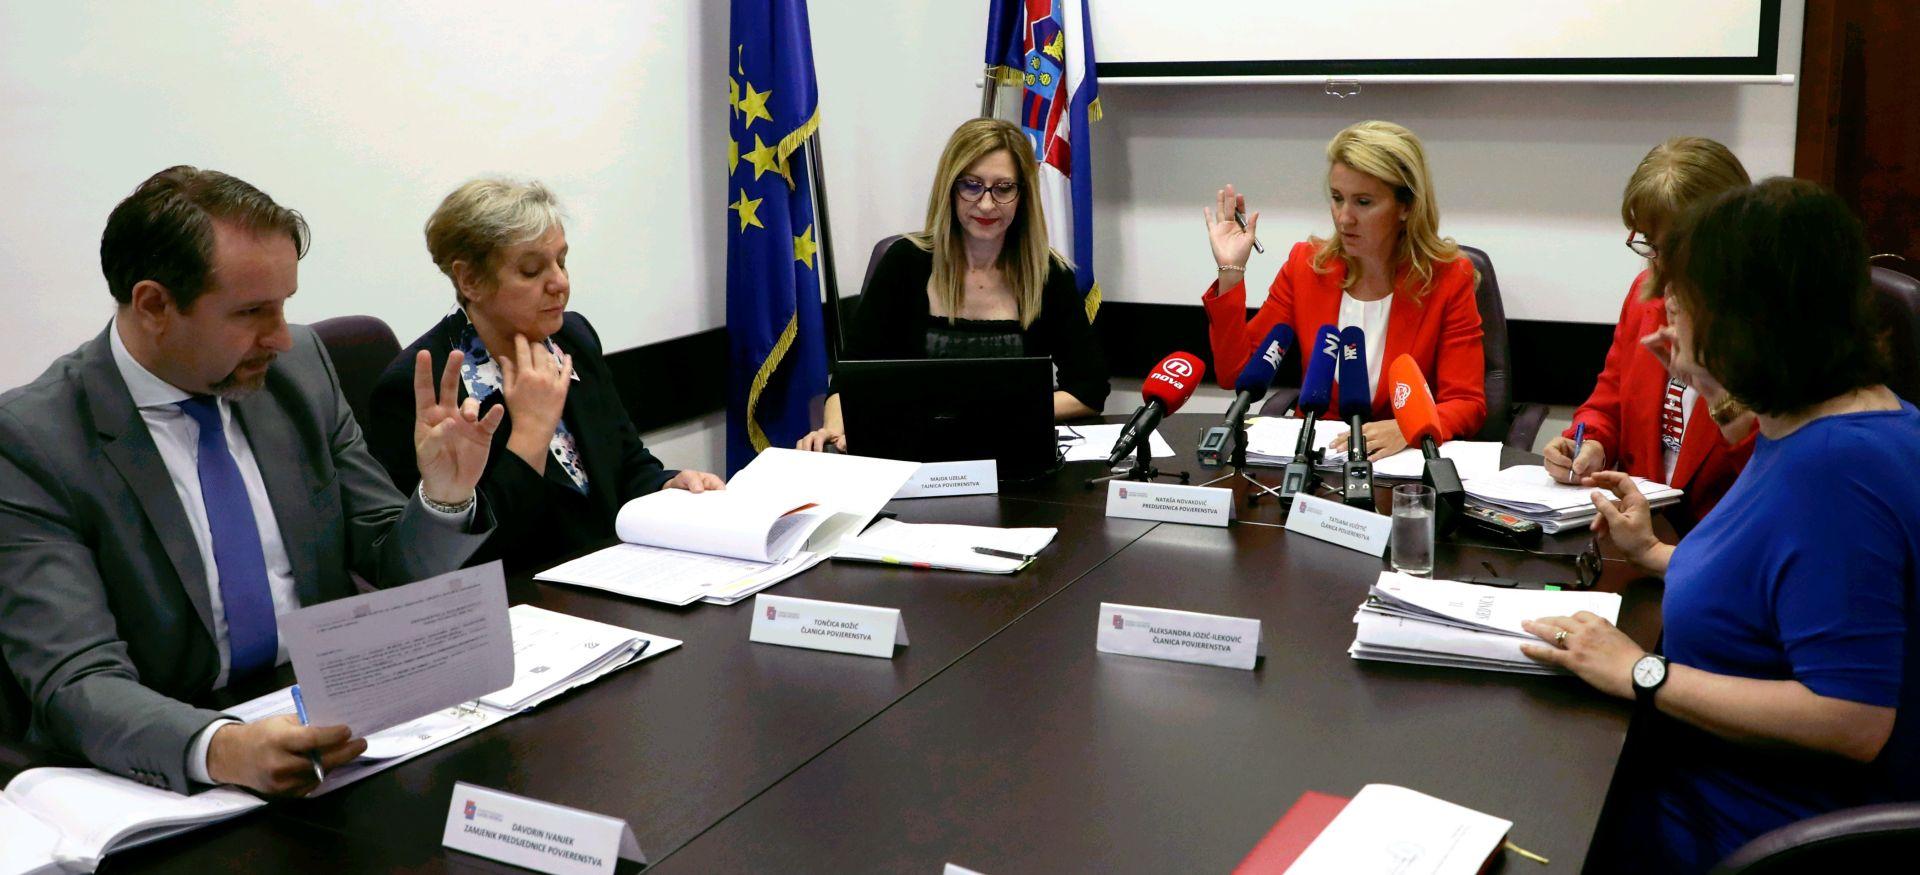 Povjerenstvo pokreće postupak protiv Martine Dalić